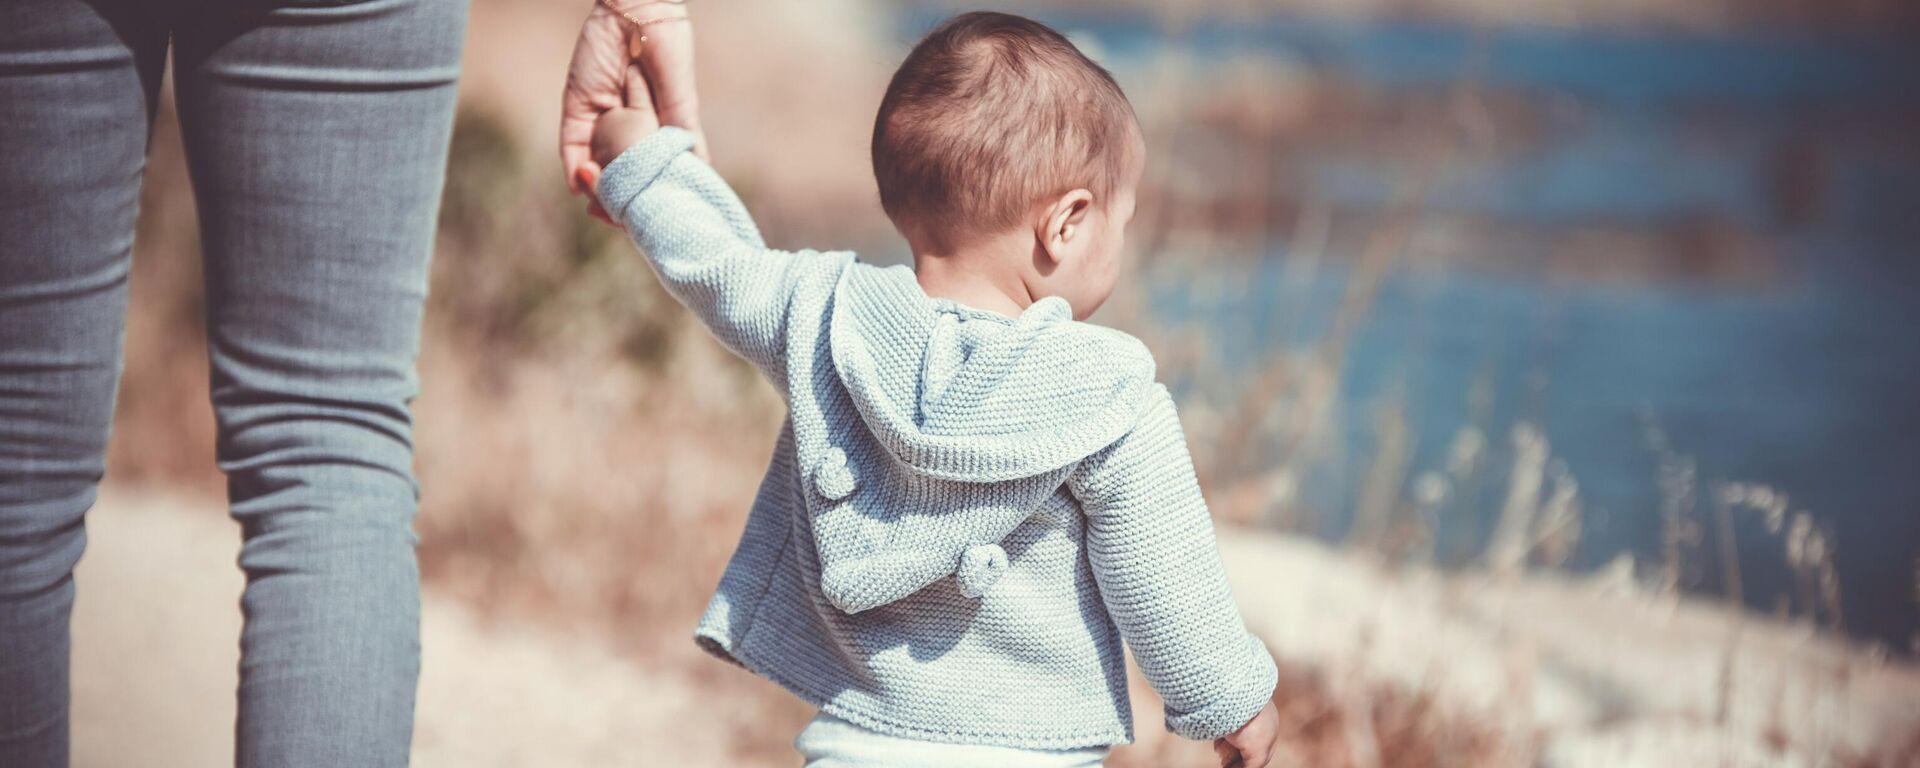 Женщина держит ребенка за руку - Sputnik Ўзбекистон, 1920, 05.10.2021